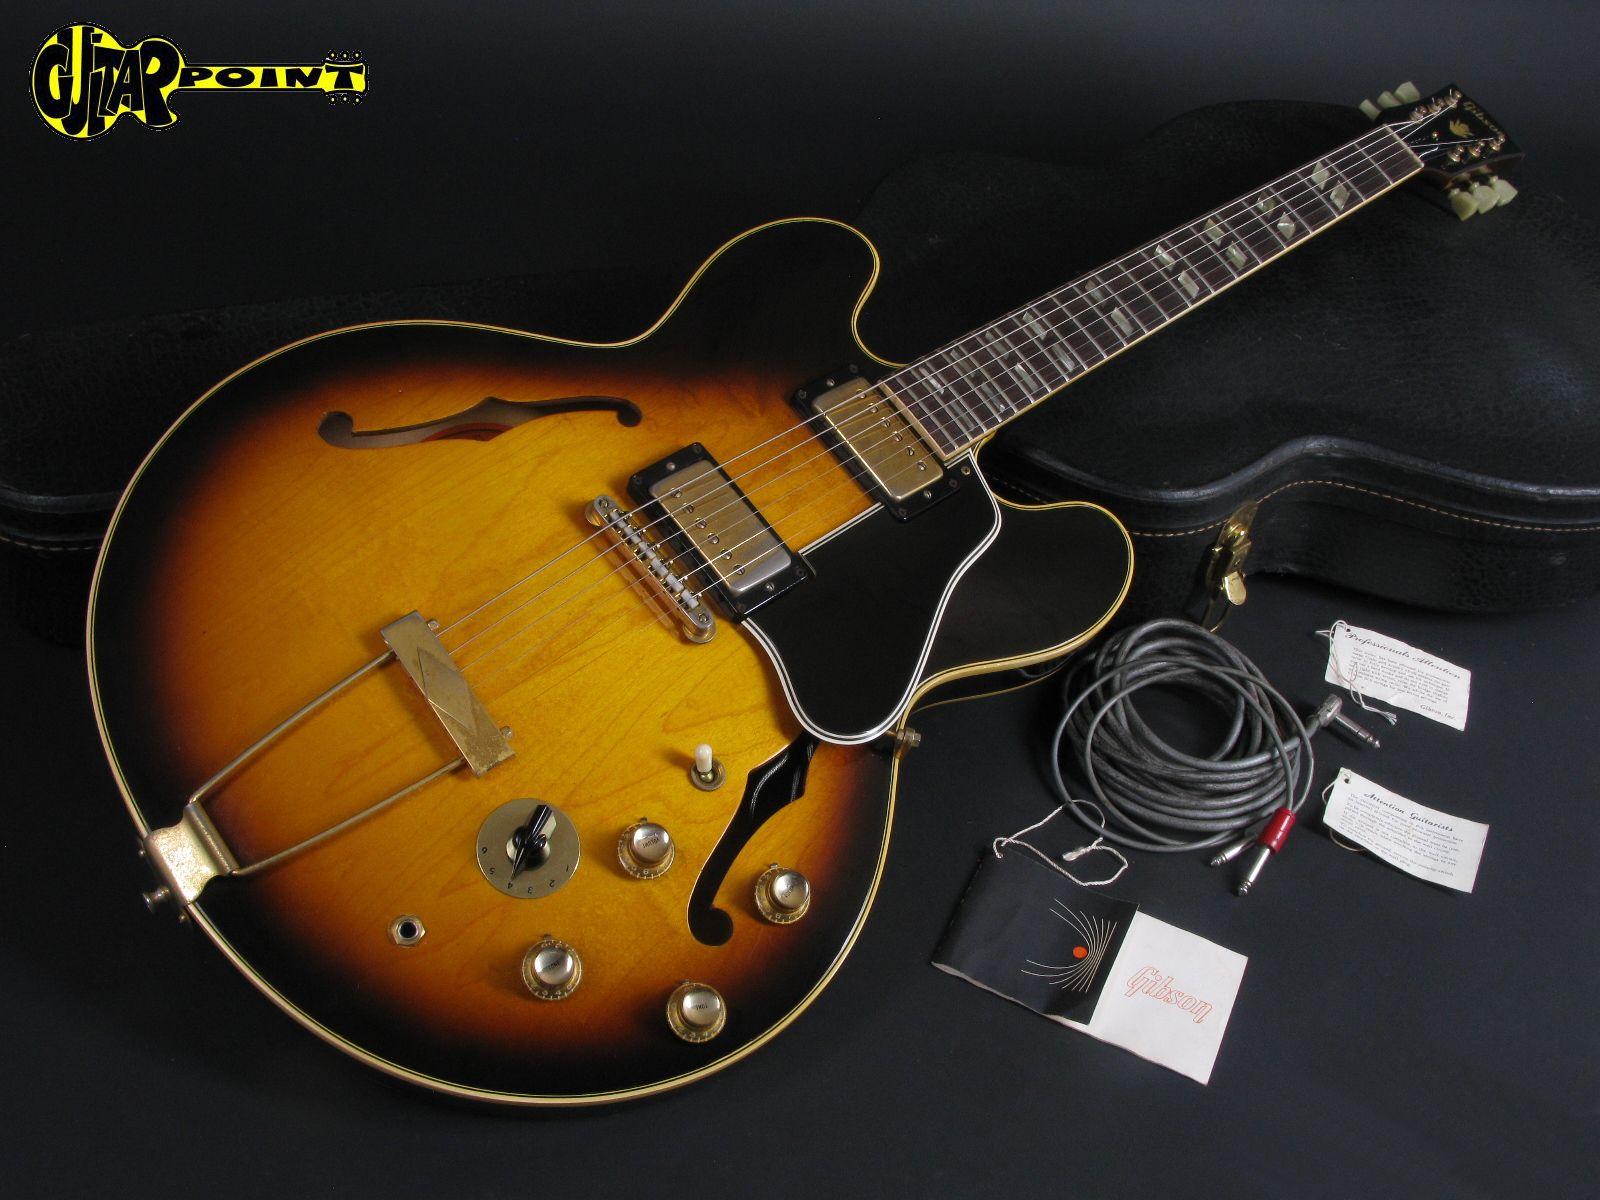 gibson es 345 tdsv stereo 1966 sunburst guitar for sale guitarpoint. Black Bedroom Furniture Sets. Home Design Ideas